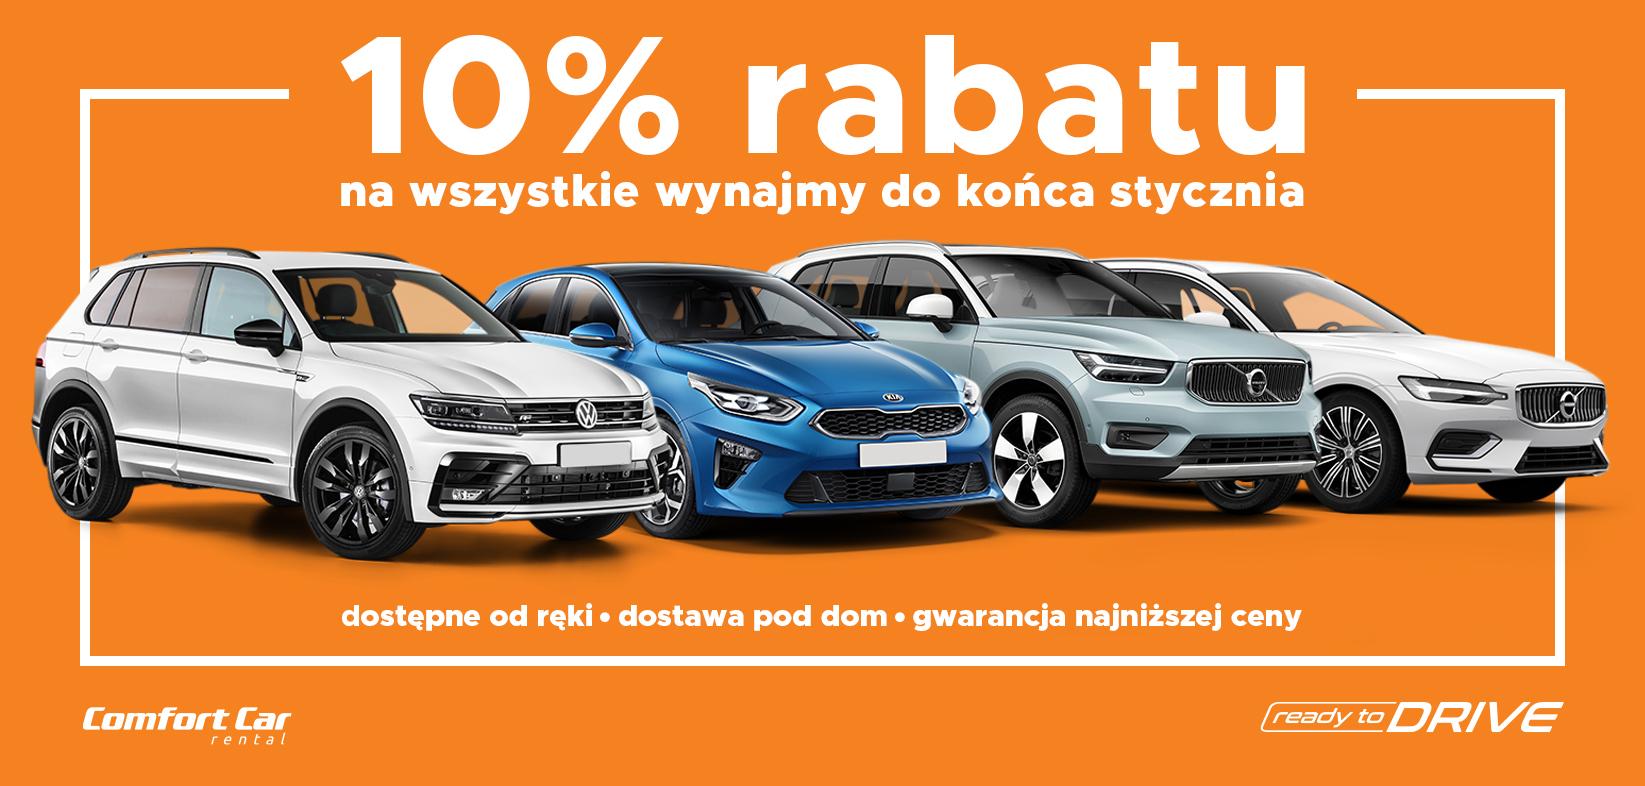 Wypożycz samochód 10% taniej do końca stycznia